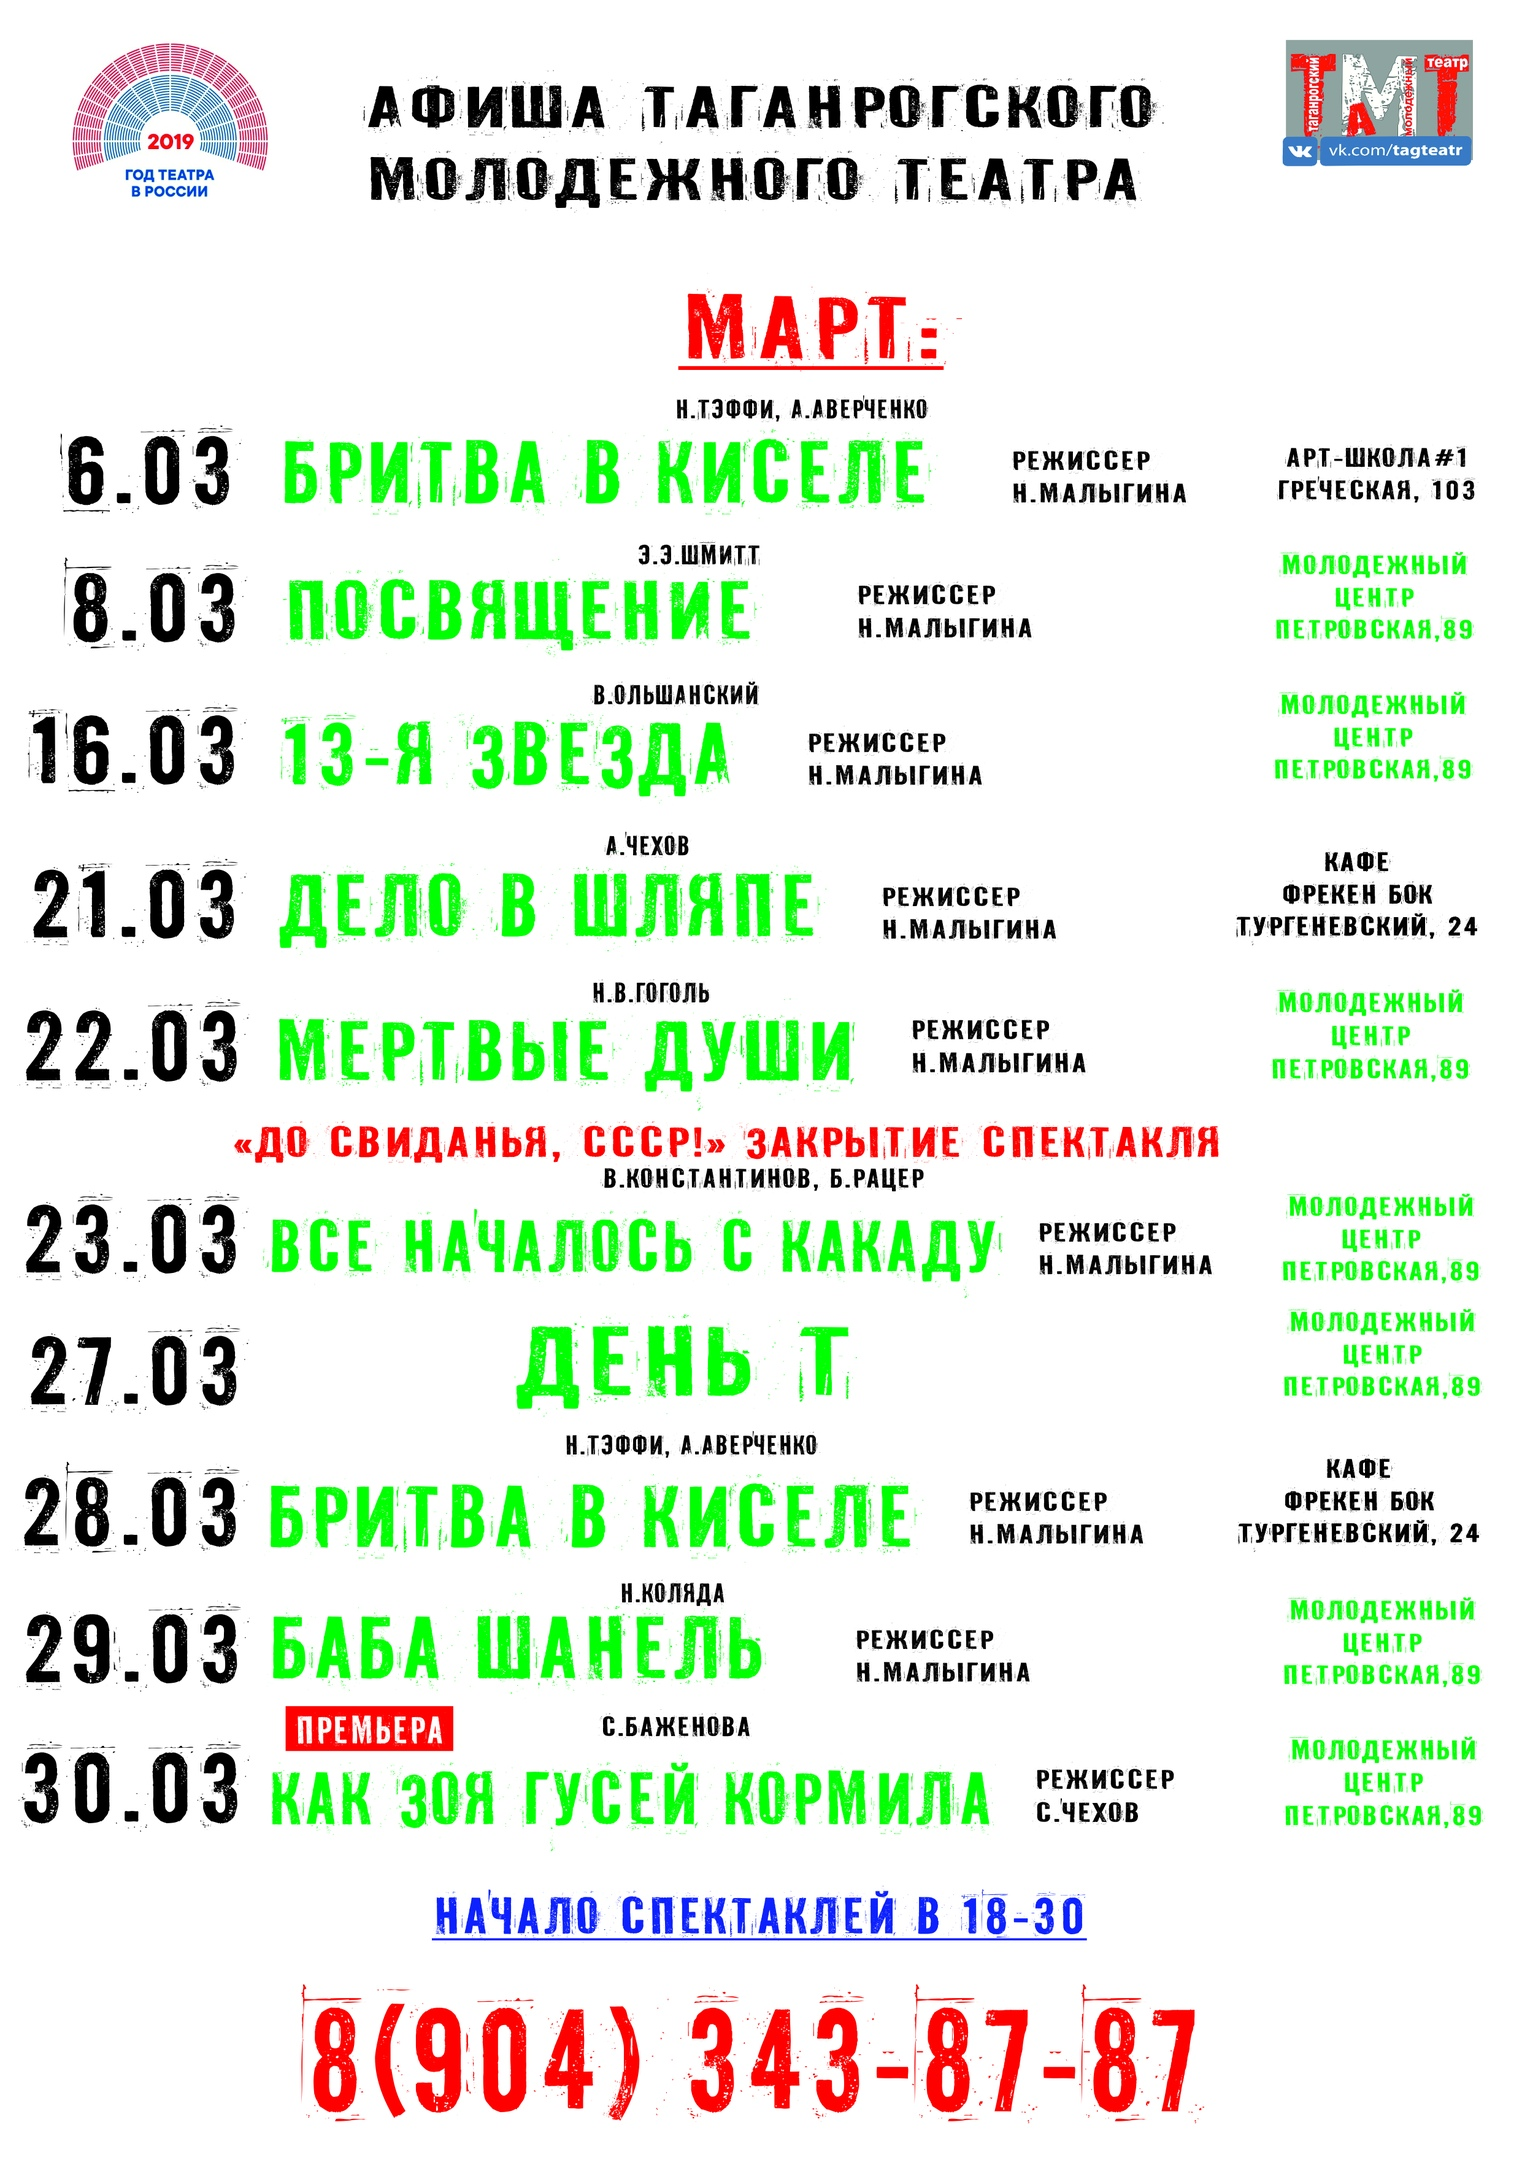 Афиша спектаклей в МАРТЕ. Молодежный театр Нонны Малыгиной